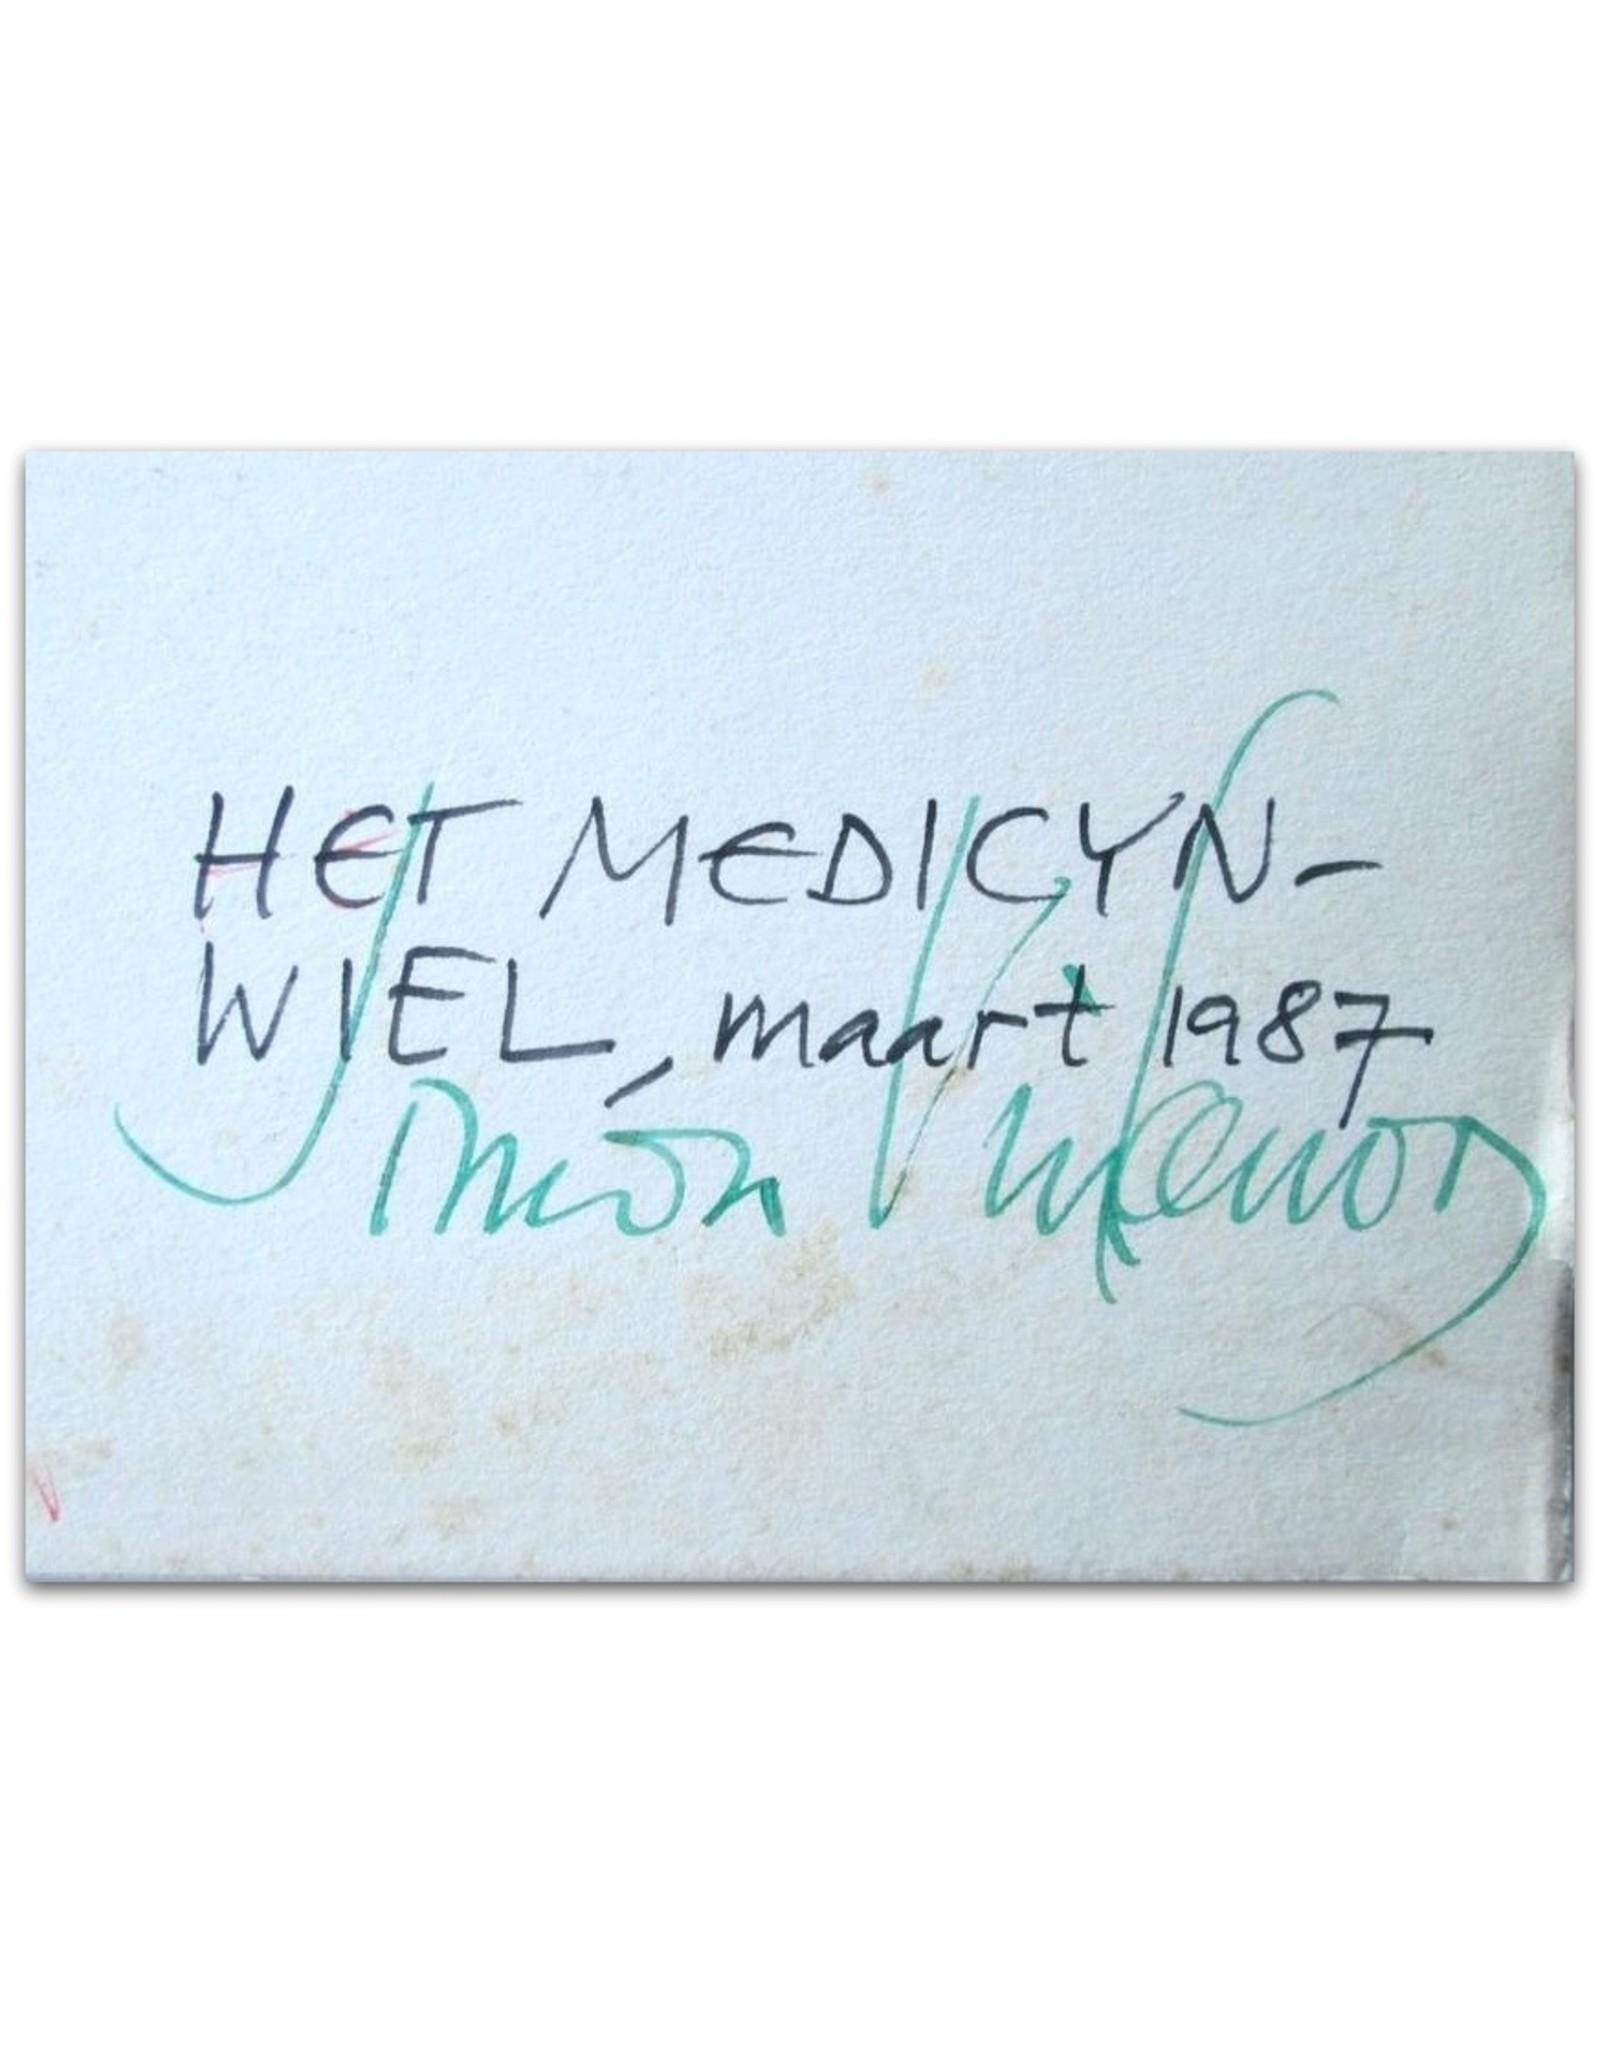 Simon Vinkenoog - Het Medicyn-wiel [en 'Mandala']